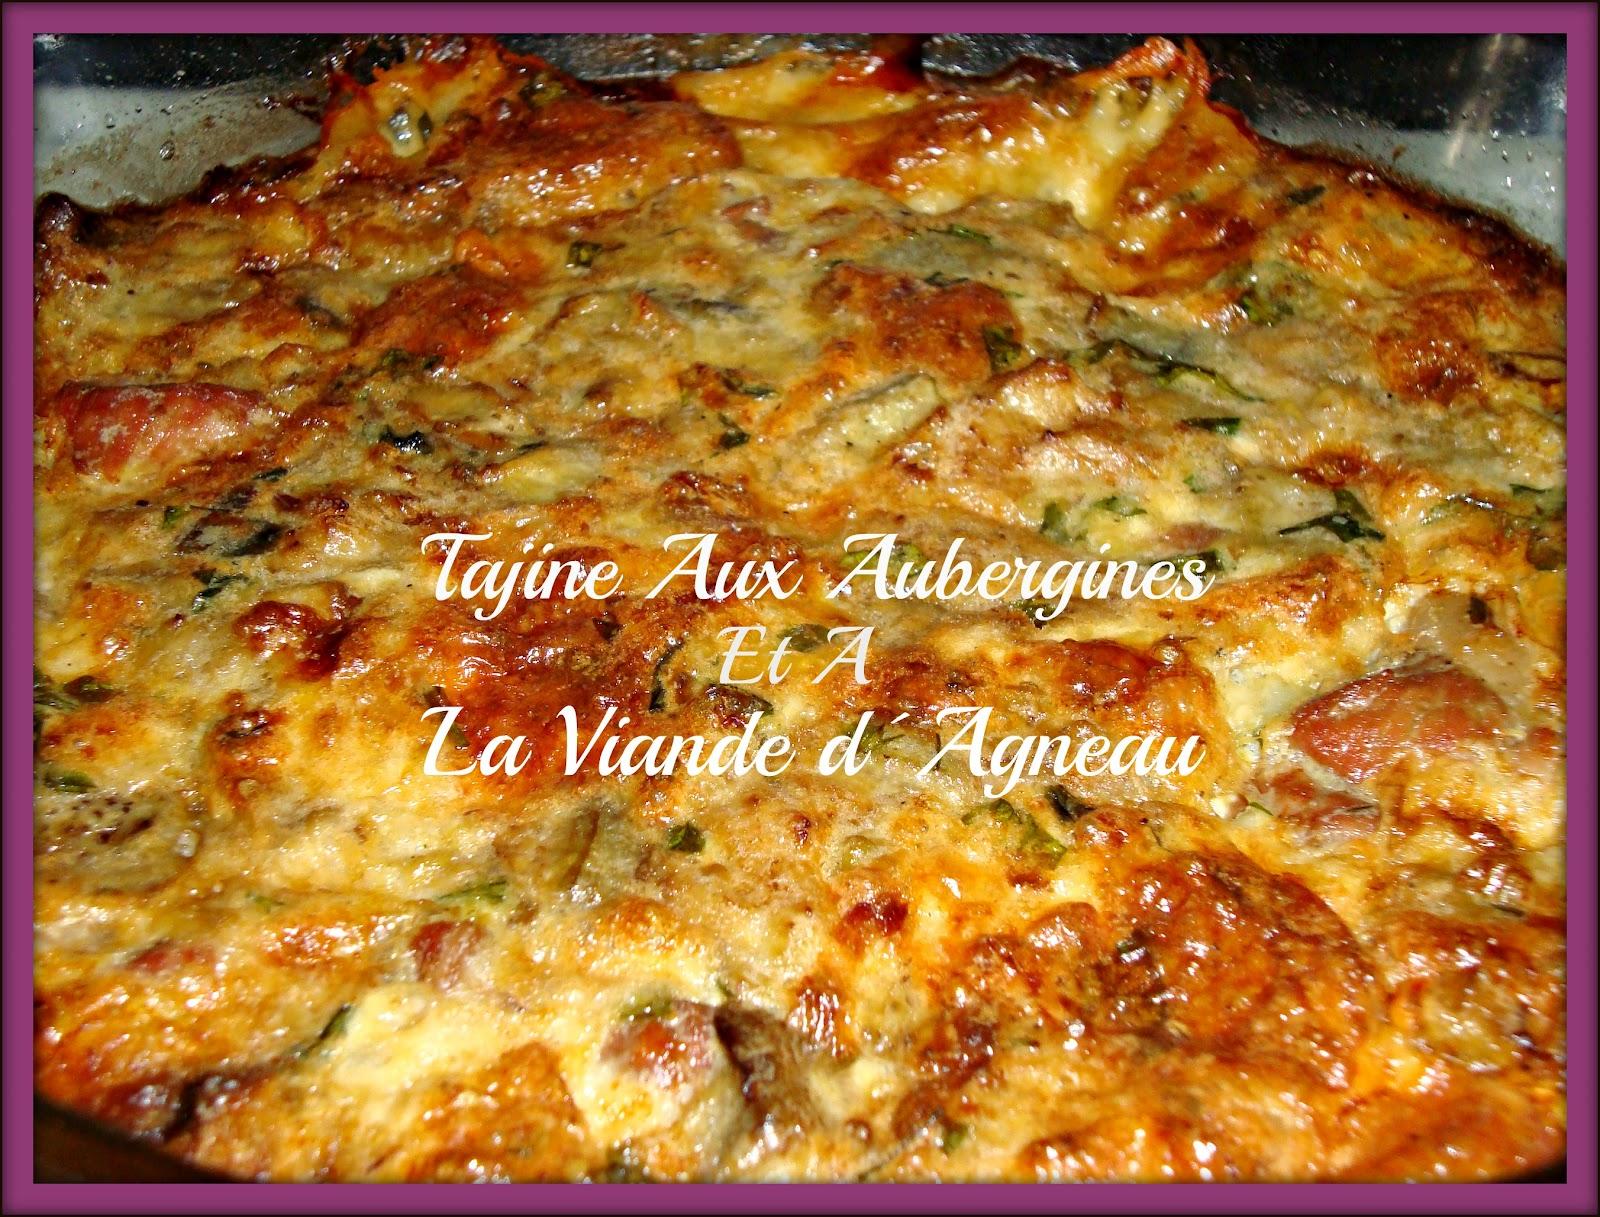 Recette amour de cuisine best tlitli recette de cuisine for Notre cuisine algerienne